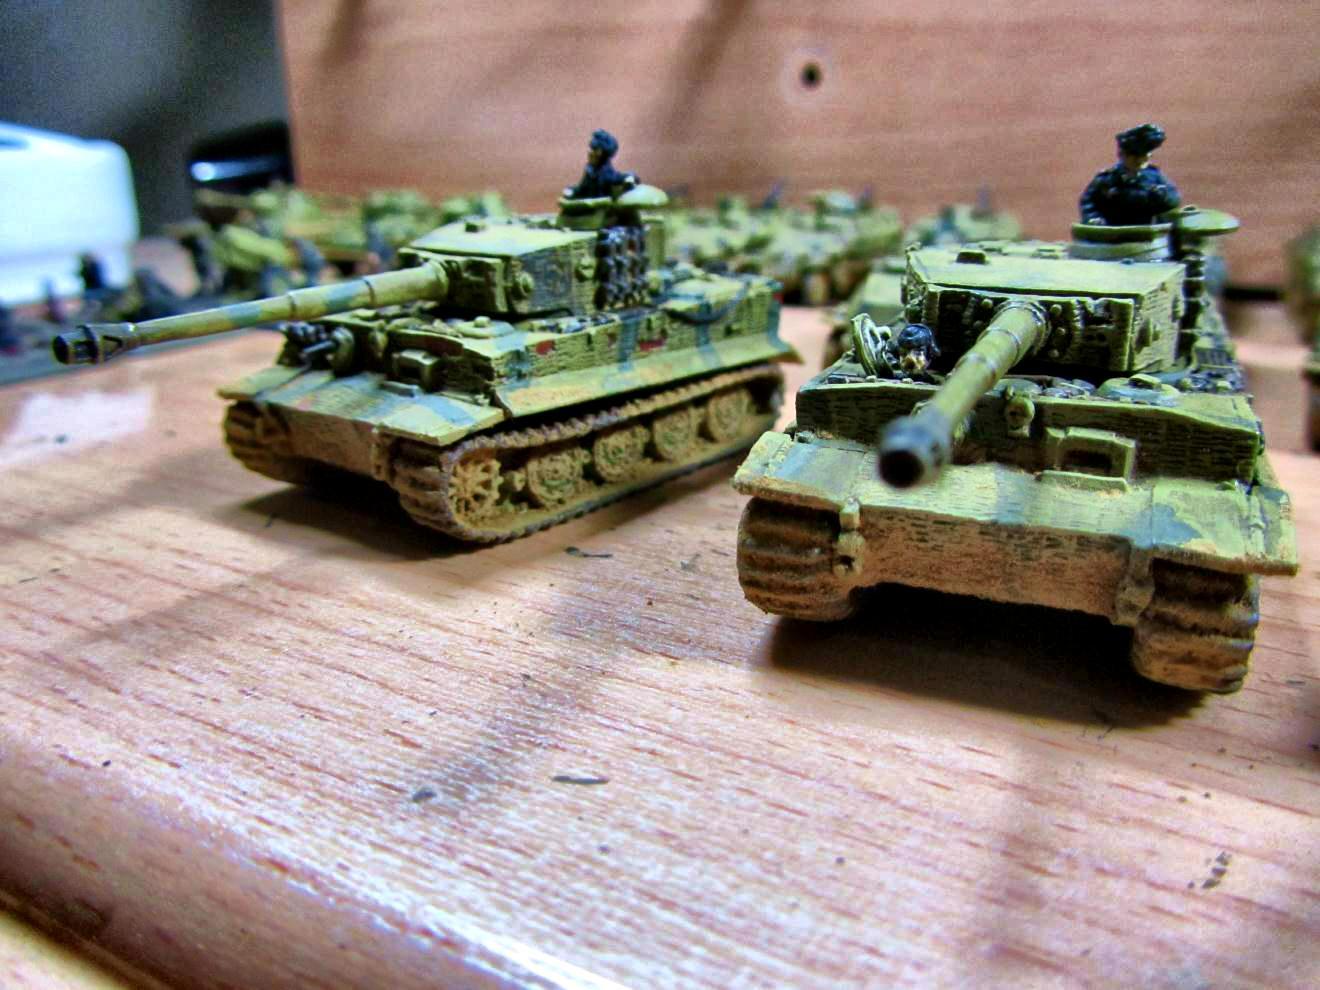 2, Nazi, Tank, Tiger, War, World